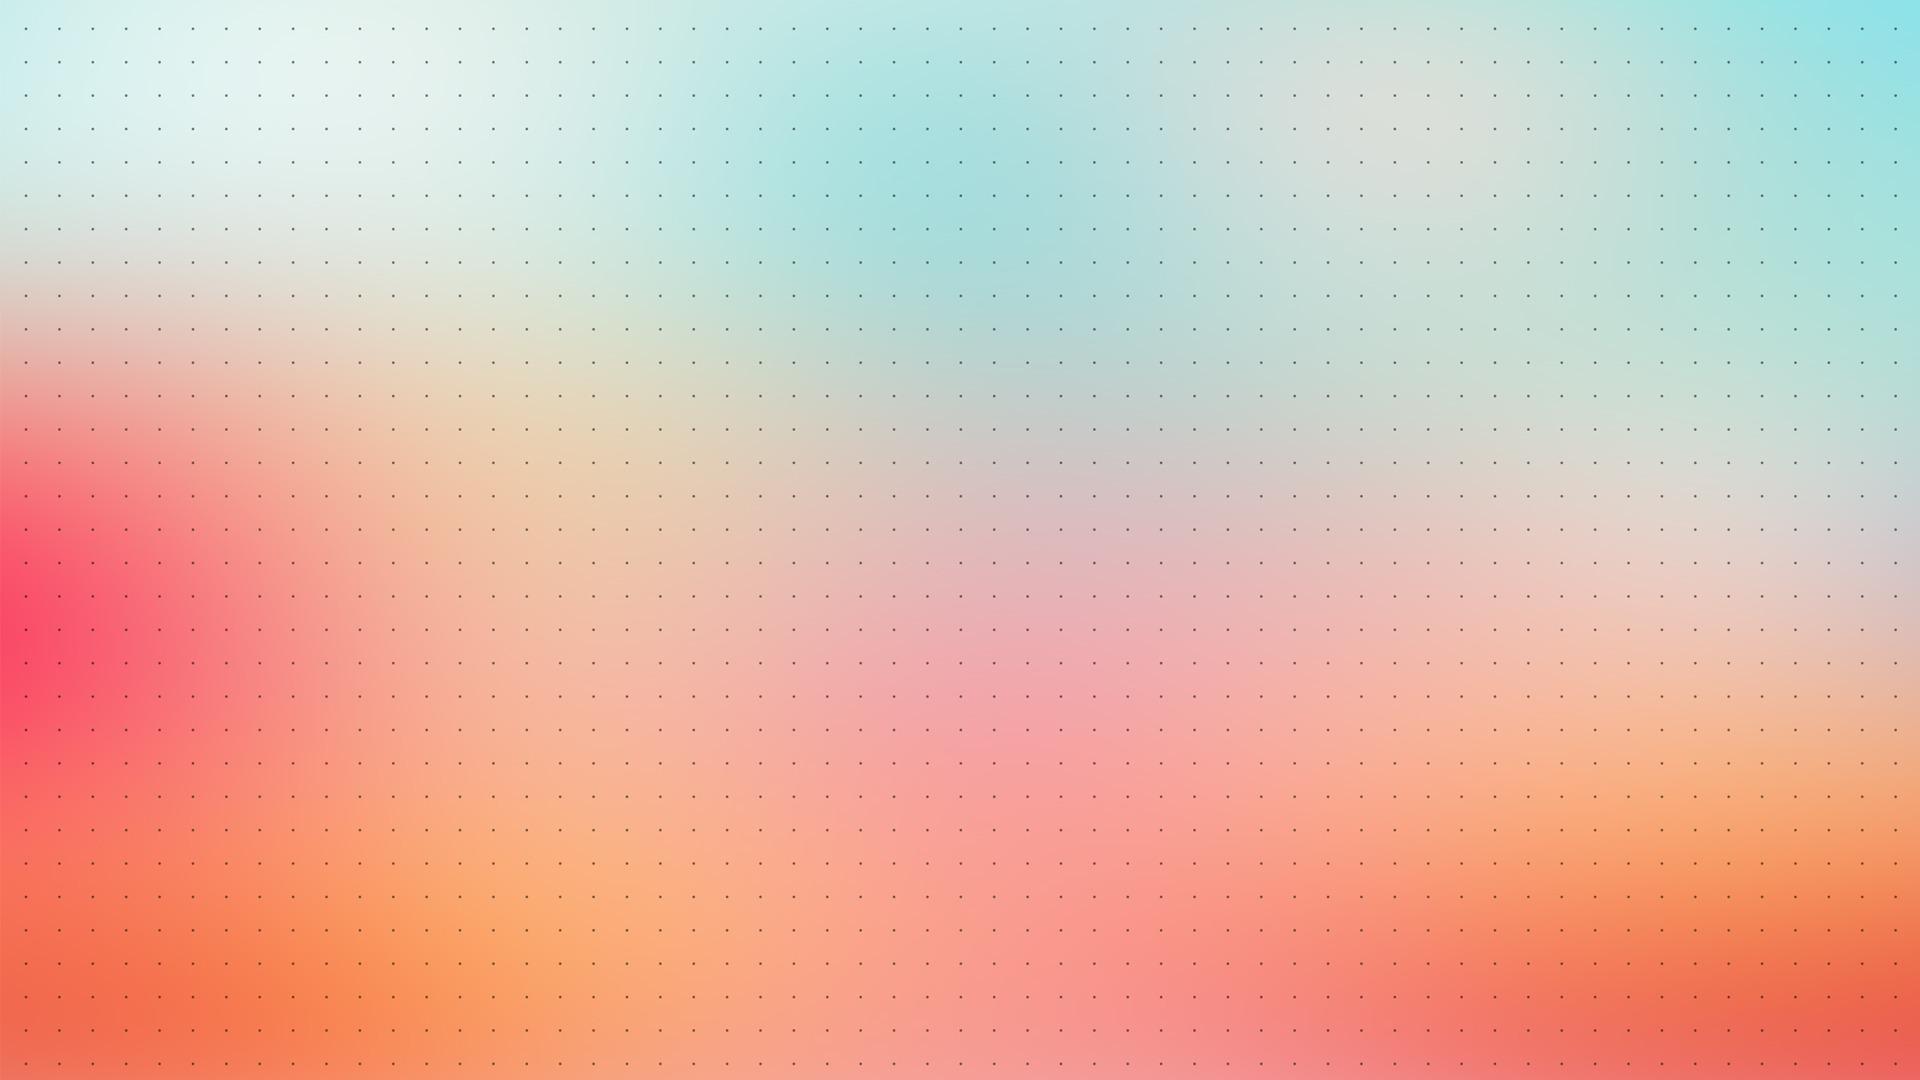 Gradient desktop